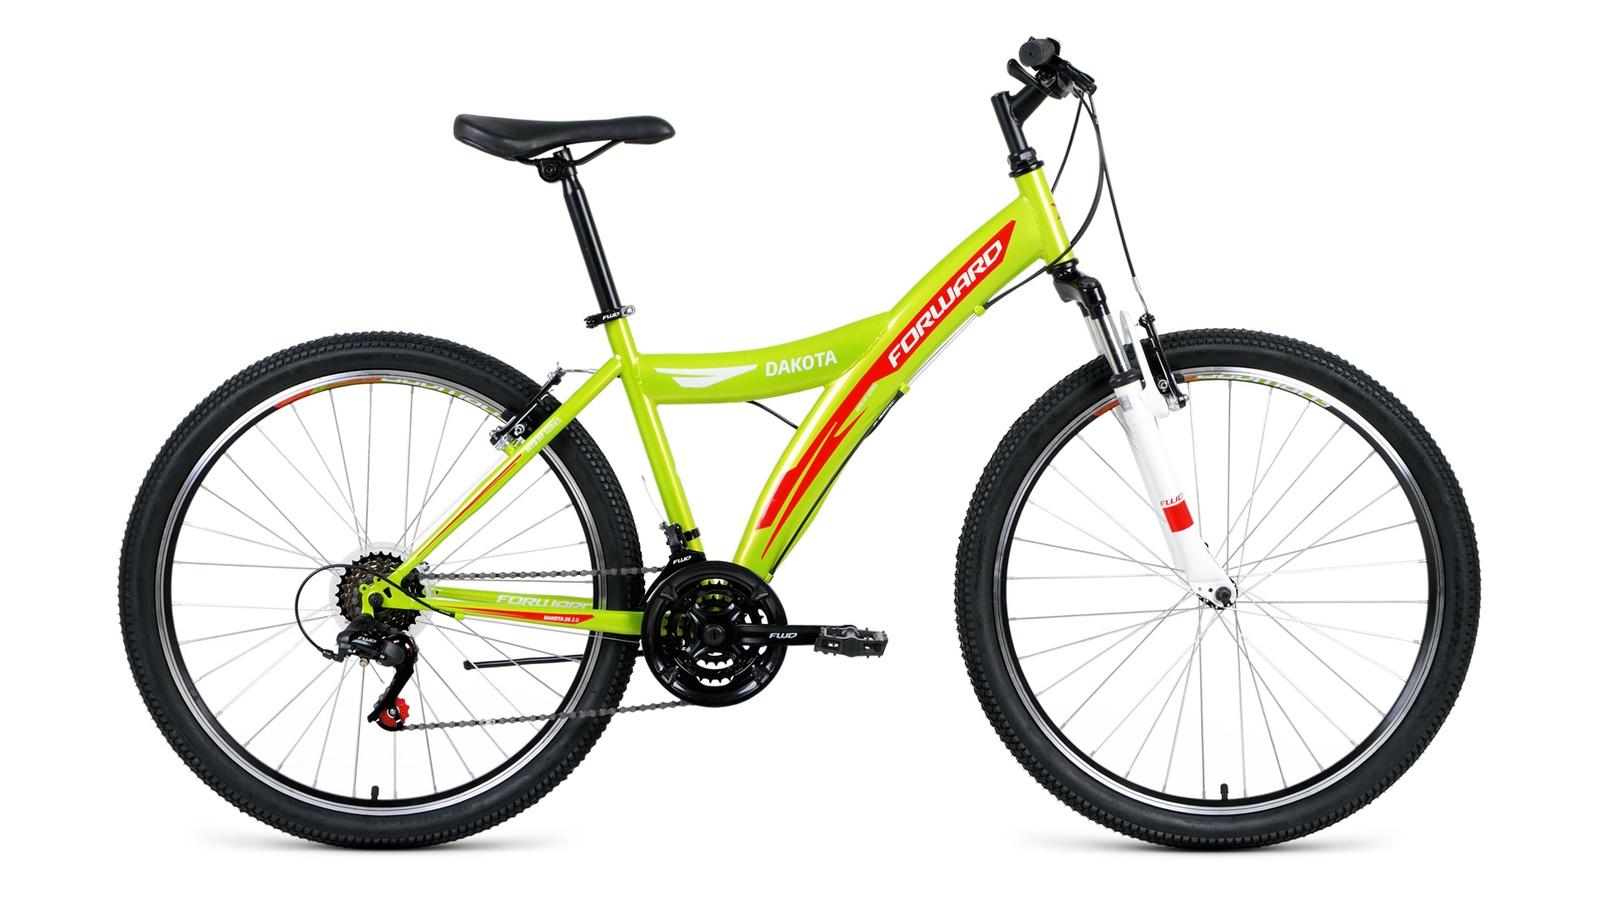 Велосипед Forward Dakota 26 2.0 2019, зеленый, красный